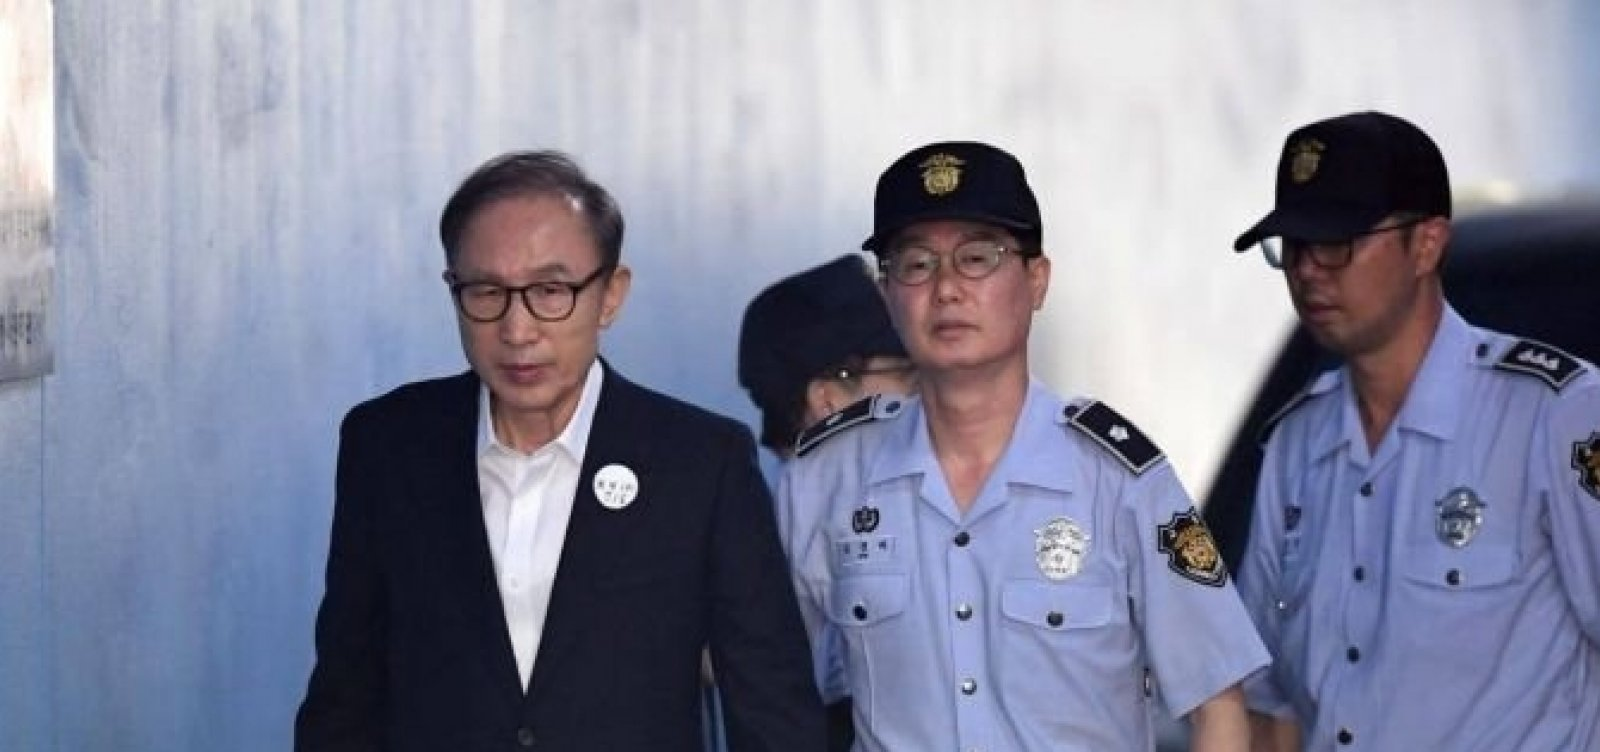 Ex-presidente da Coreia do Sul é condenado a 15 anos de prisão